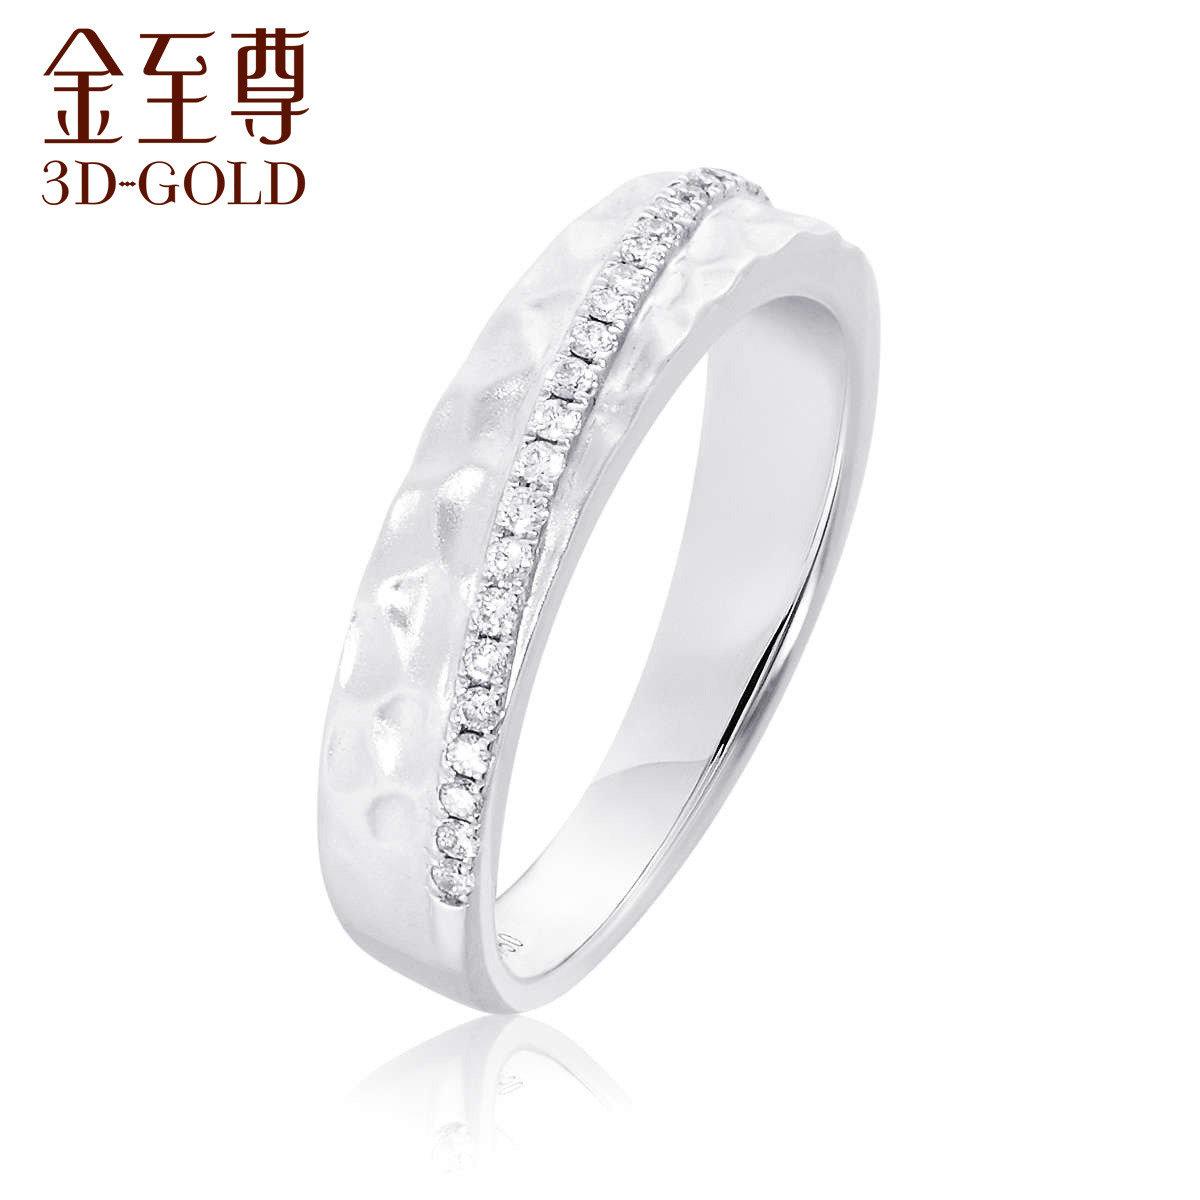 18K/750金(白色)鑲鑽石情侶戒指